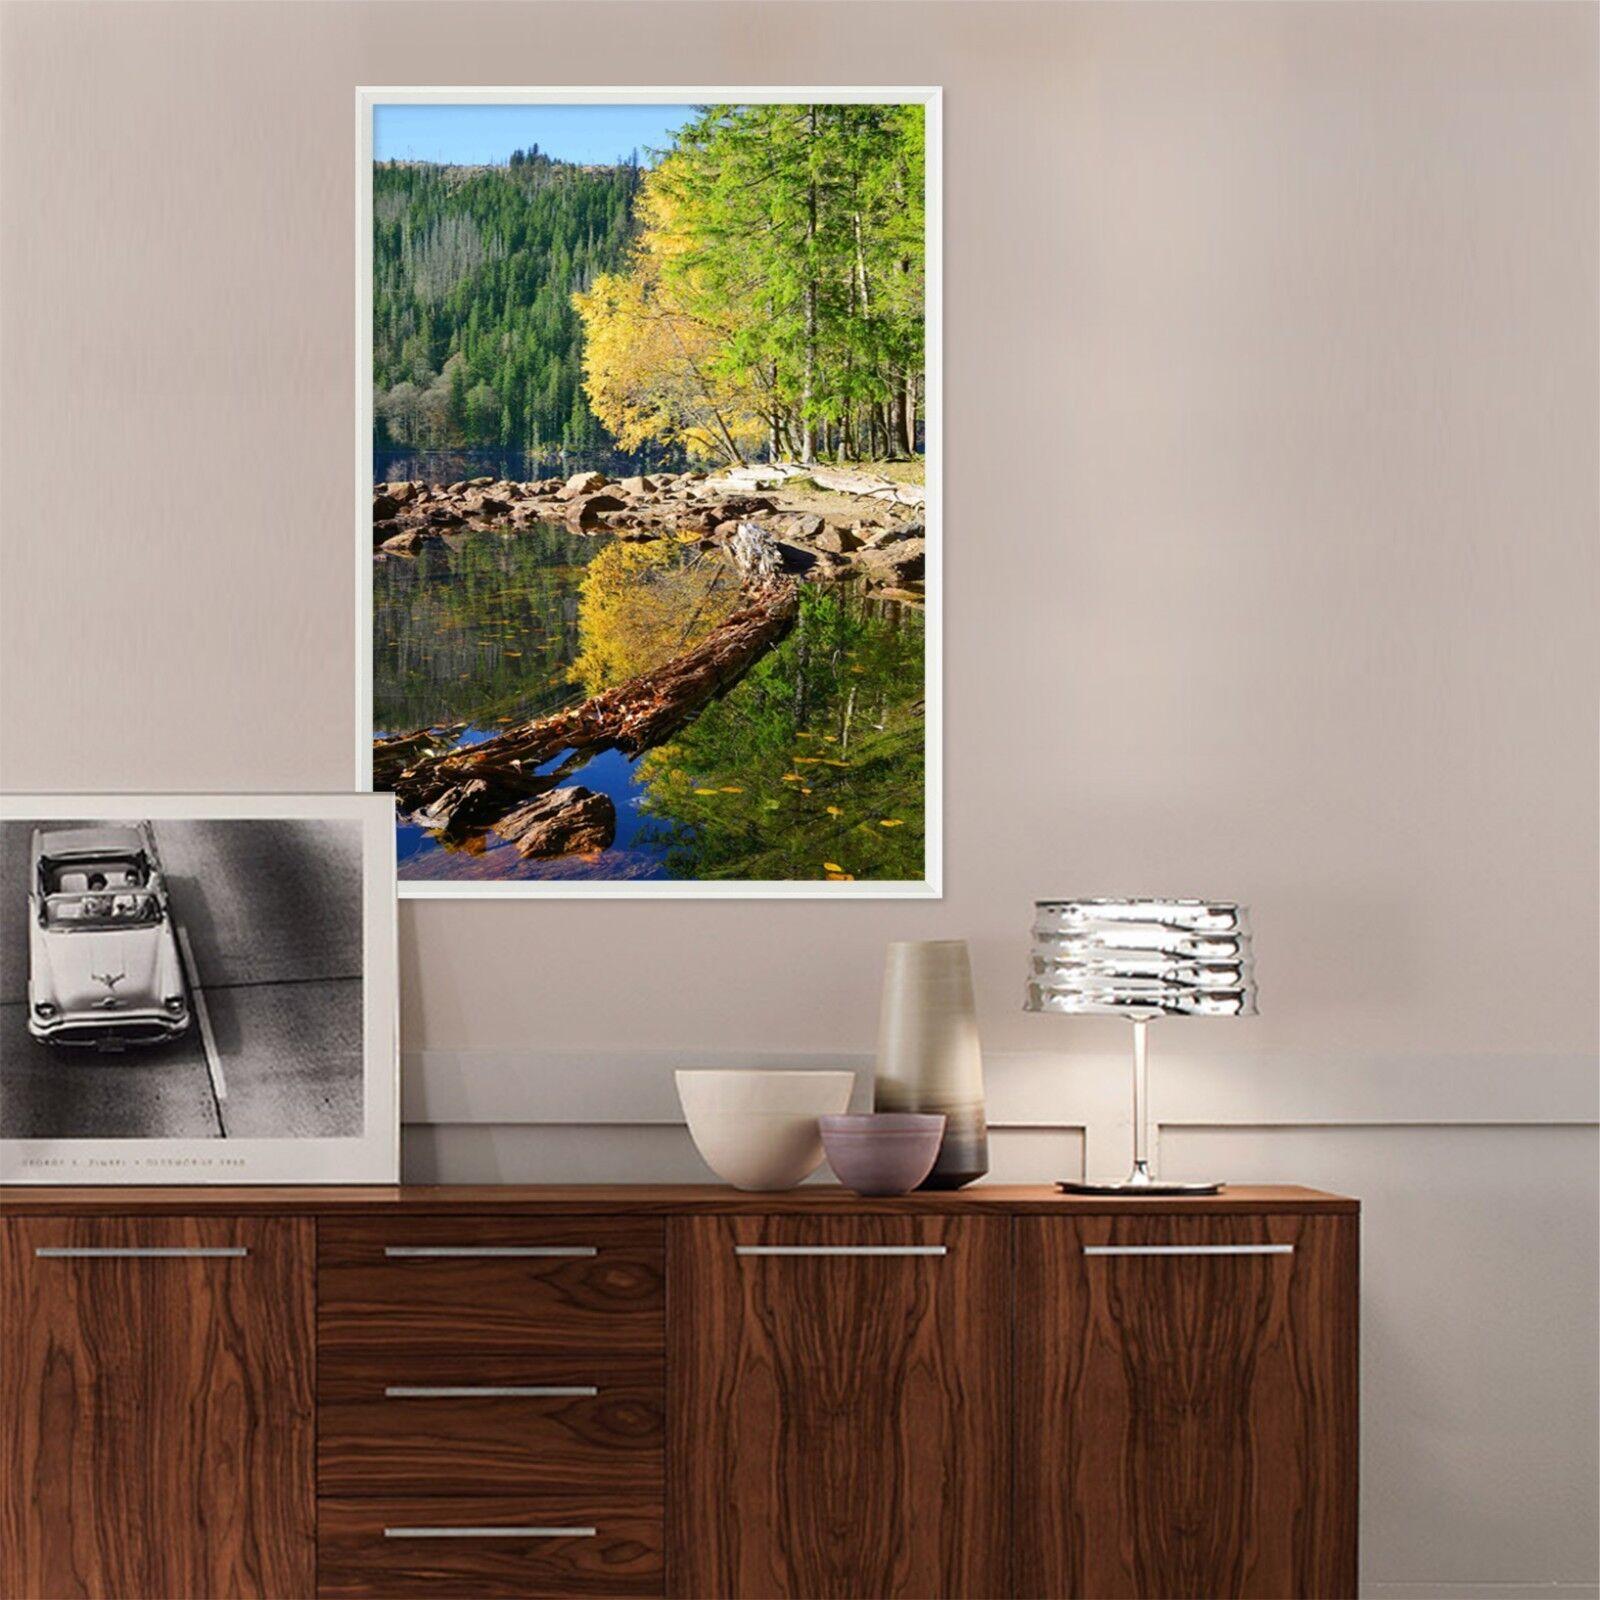 3D Lakeside Trees View 23 Framed Poster Home Decor Drucken Painting Kunst WandPapier